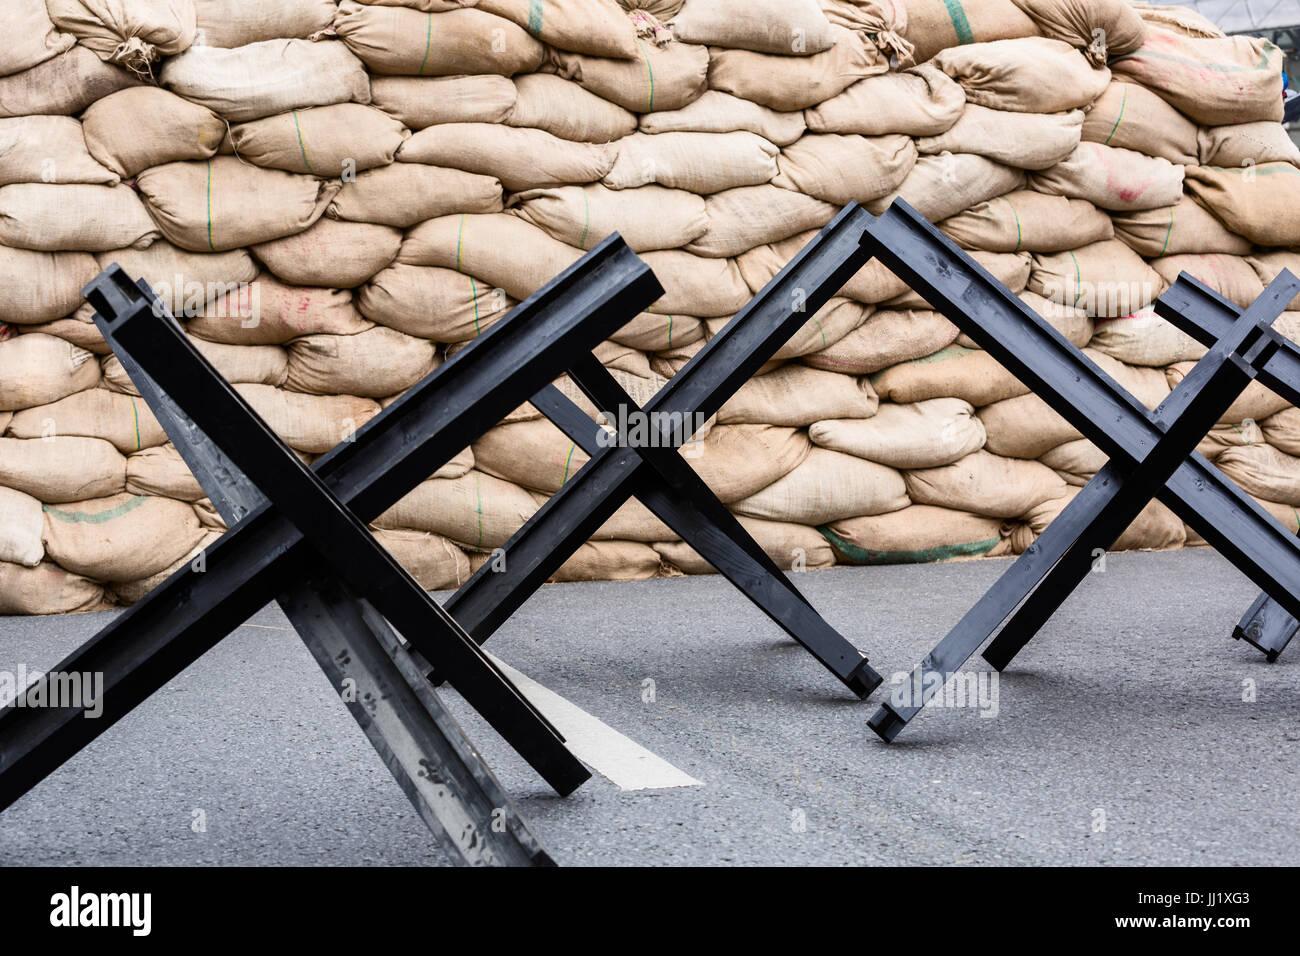 Schwarzer Stahl schwarzer stahl straße barriere in form anti tank tschechische